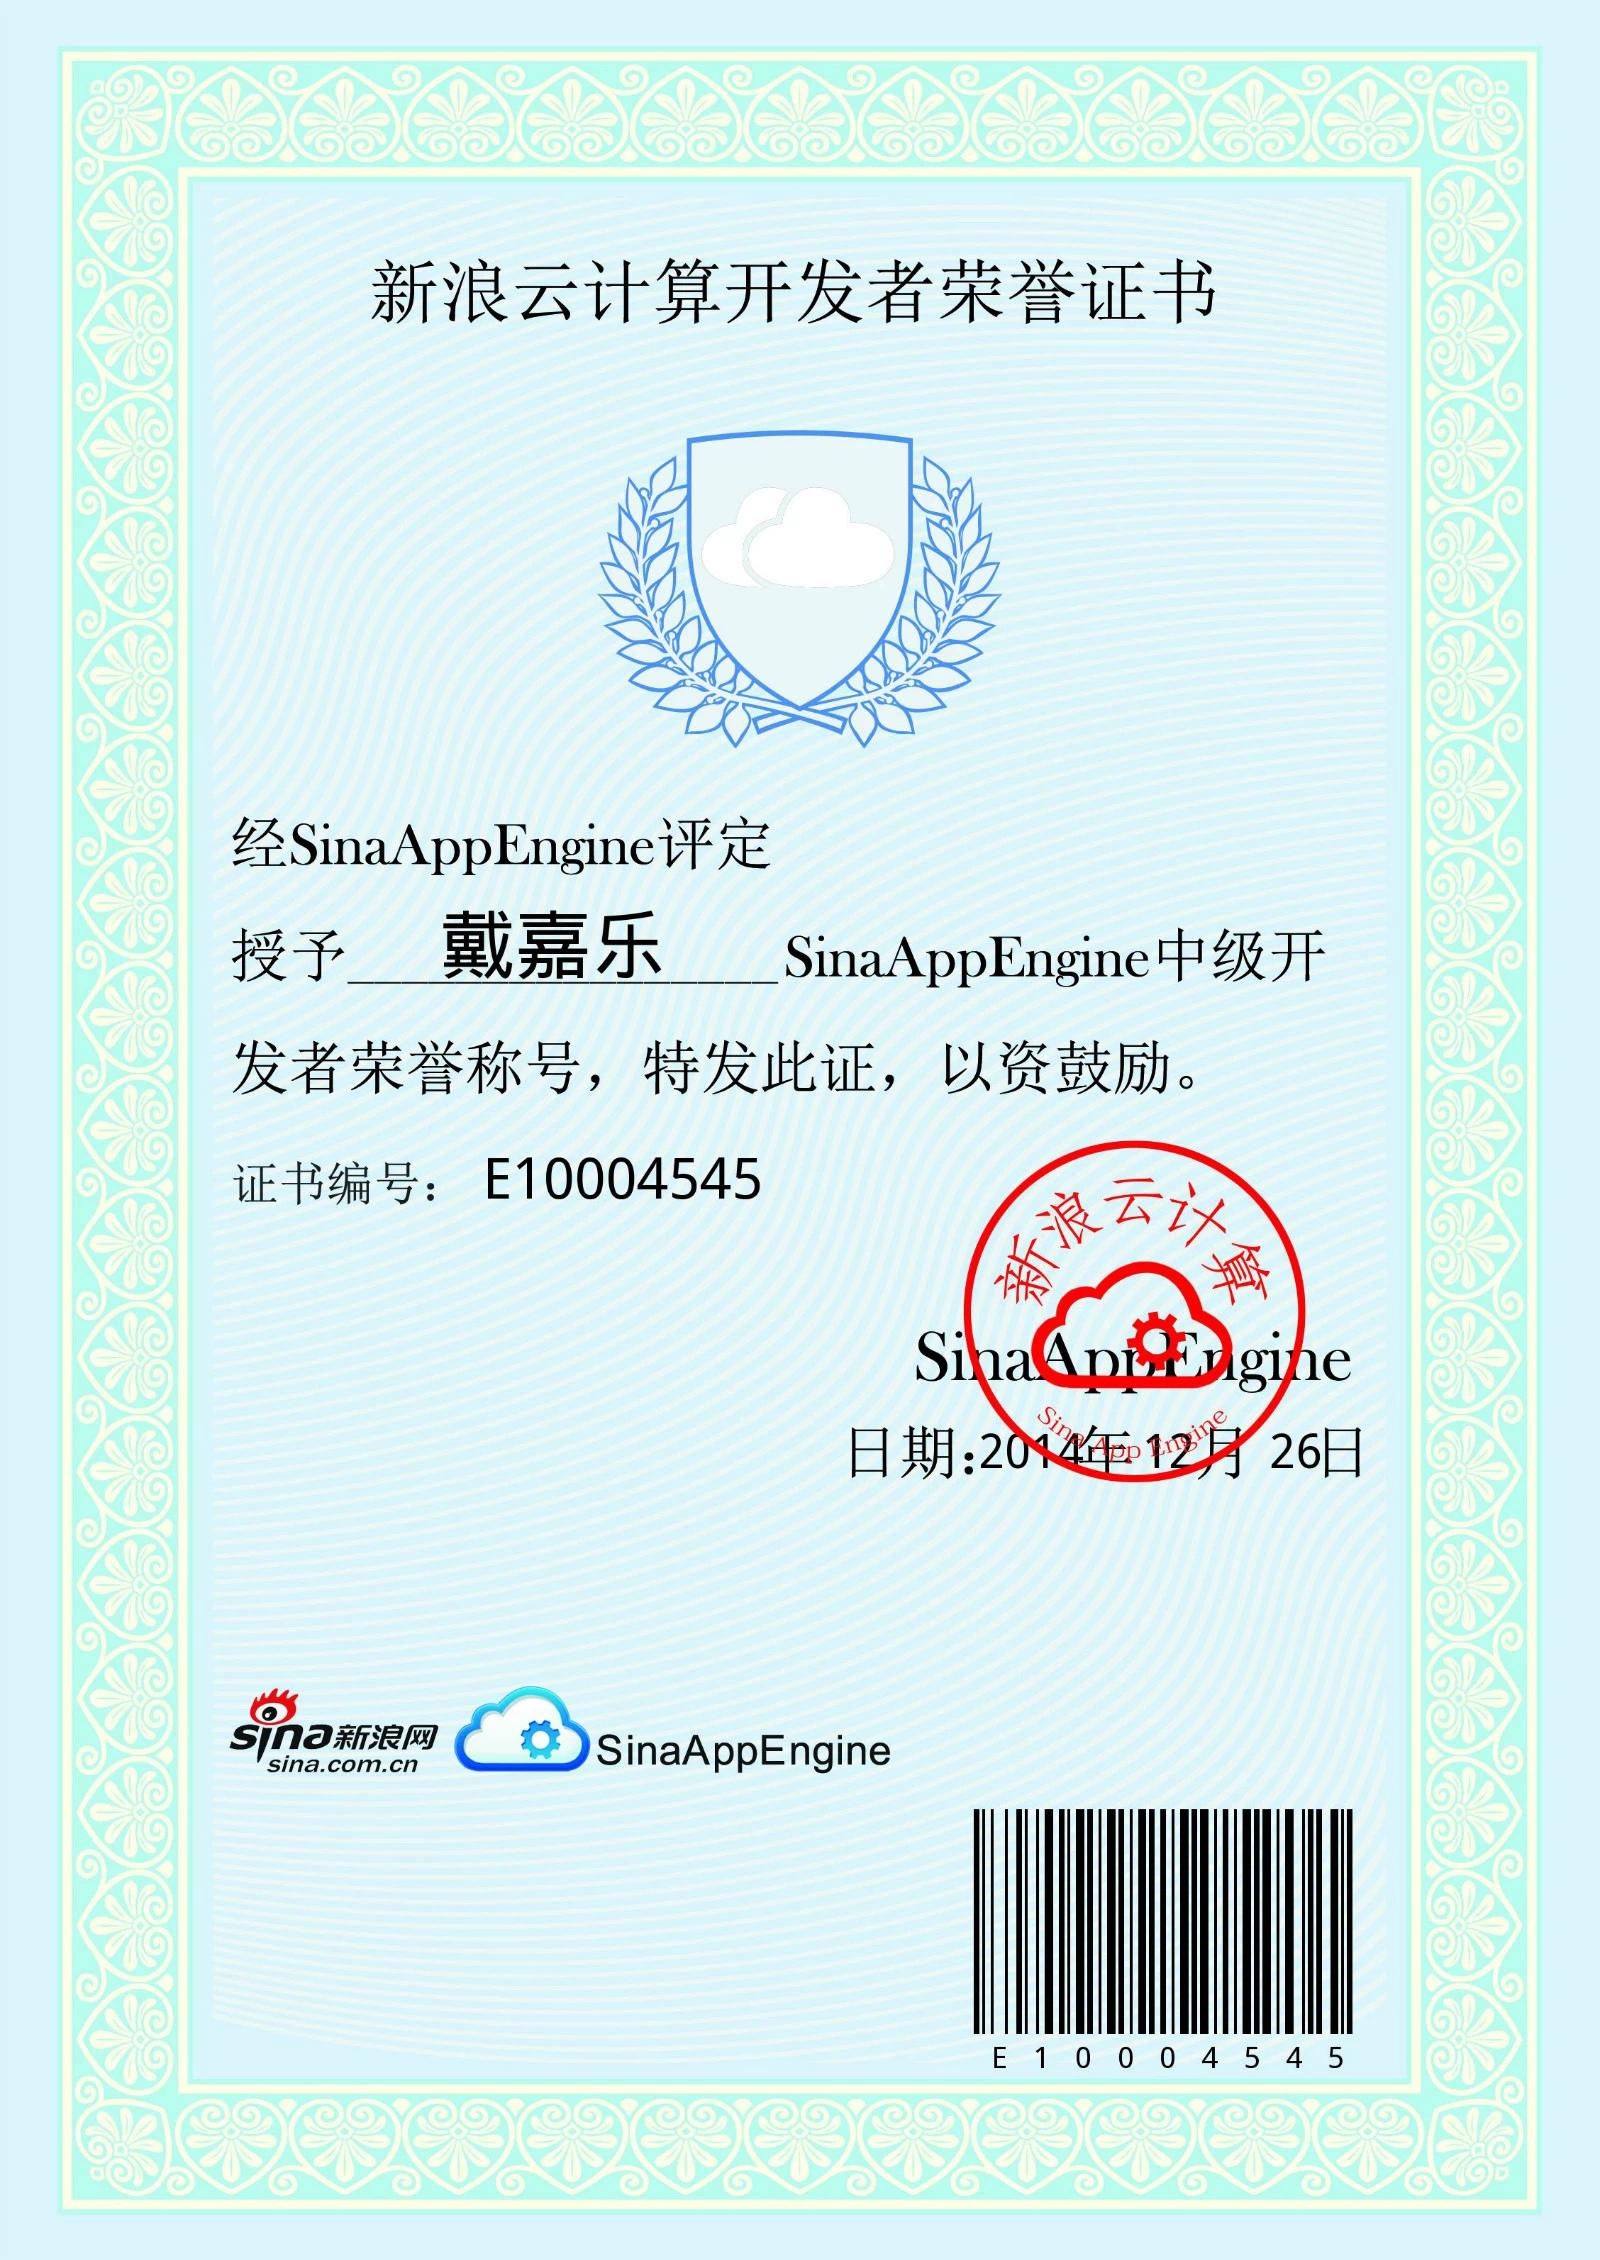 新浪云计算中级开发者认证证书